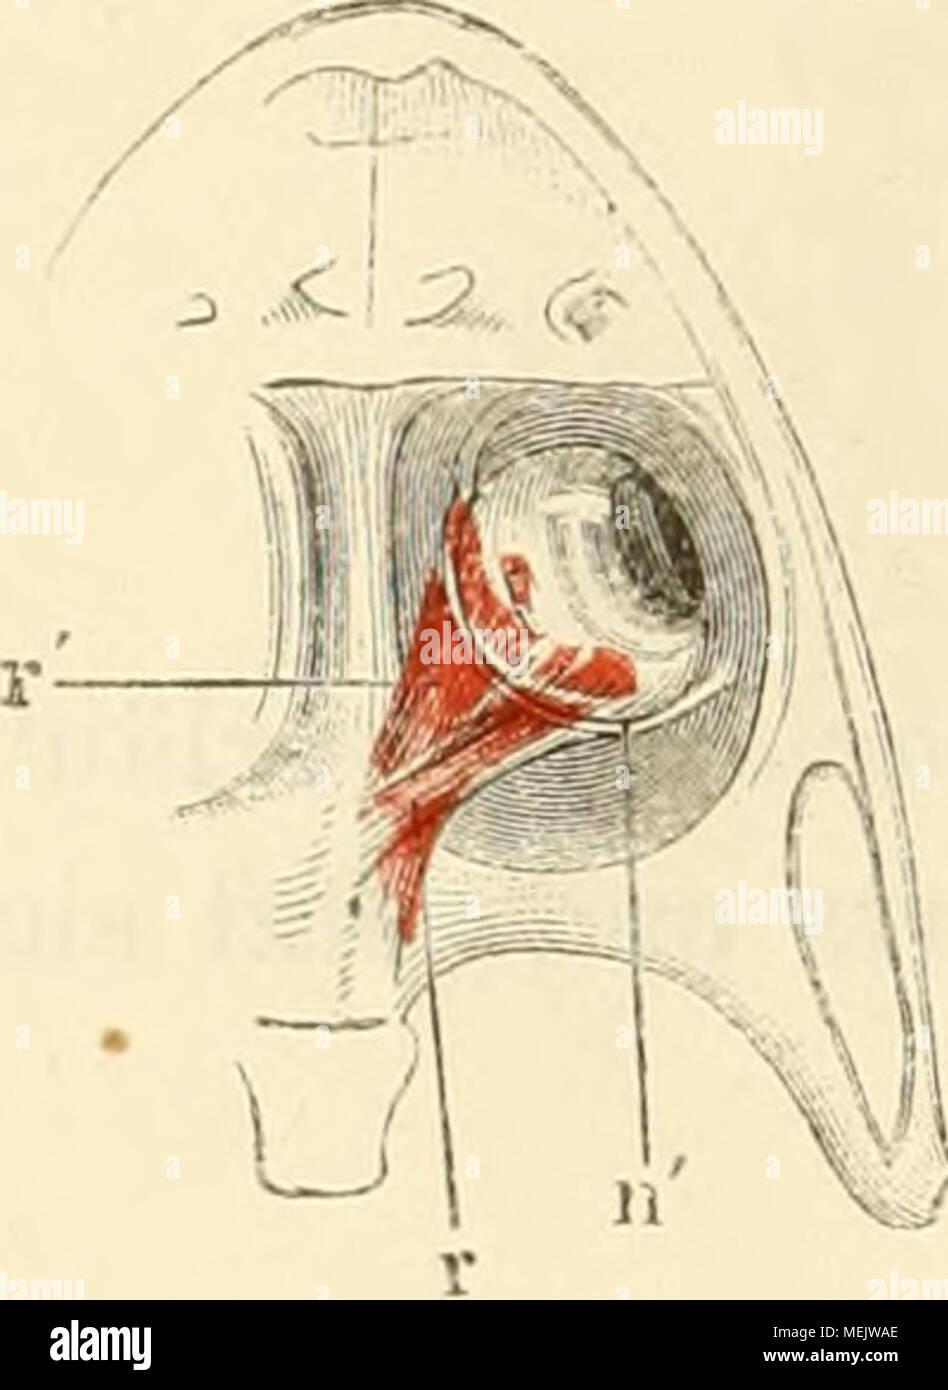 Berühmt Die Menschliche Nase Anatomie Bilder - Menschliche Anatomie ...